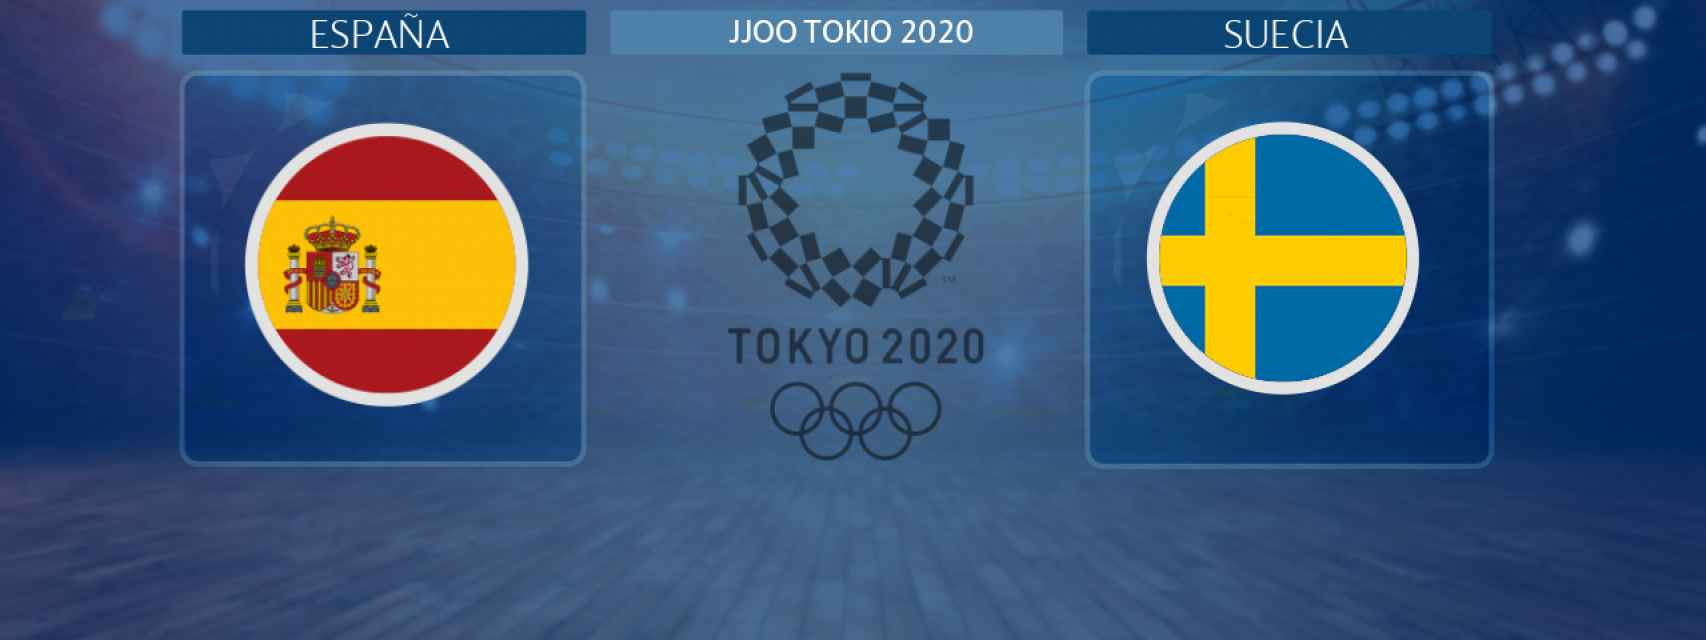 España - Suecia, partido de balonmano femenino de los JJOO Tokio 2020